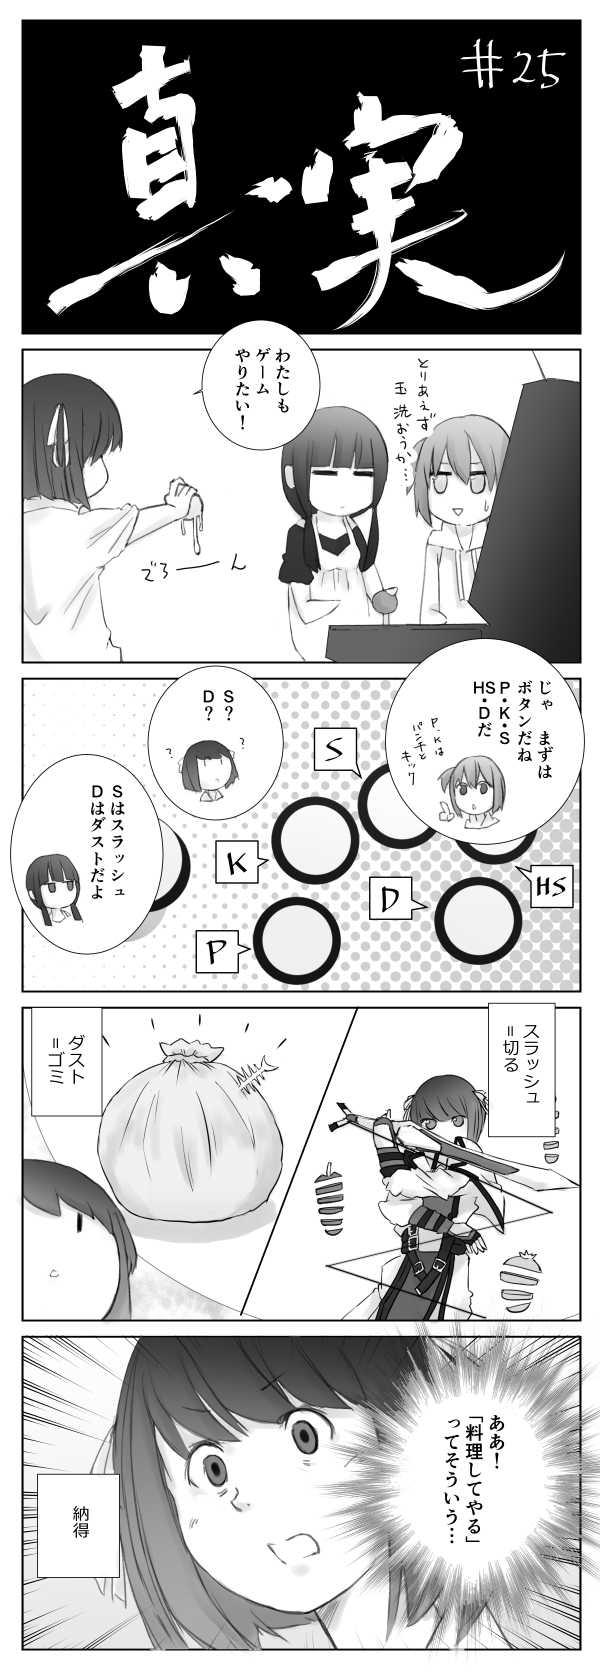 たゆたRom. 25本目「真実」